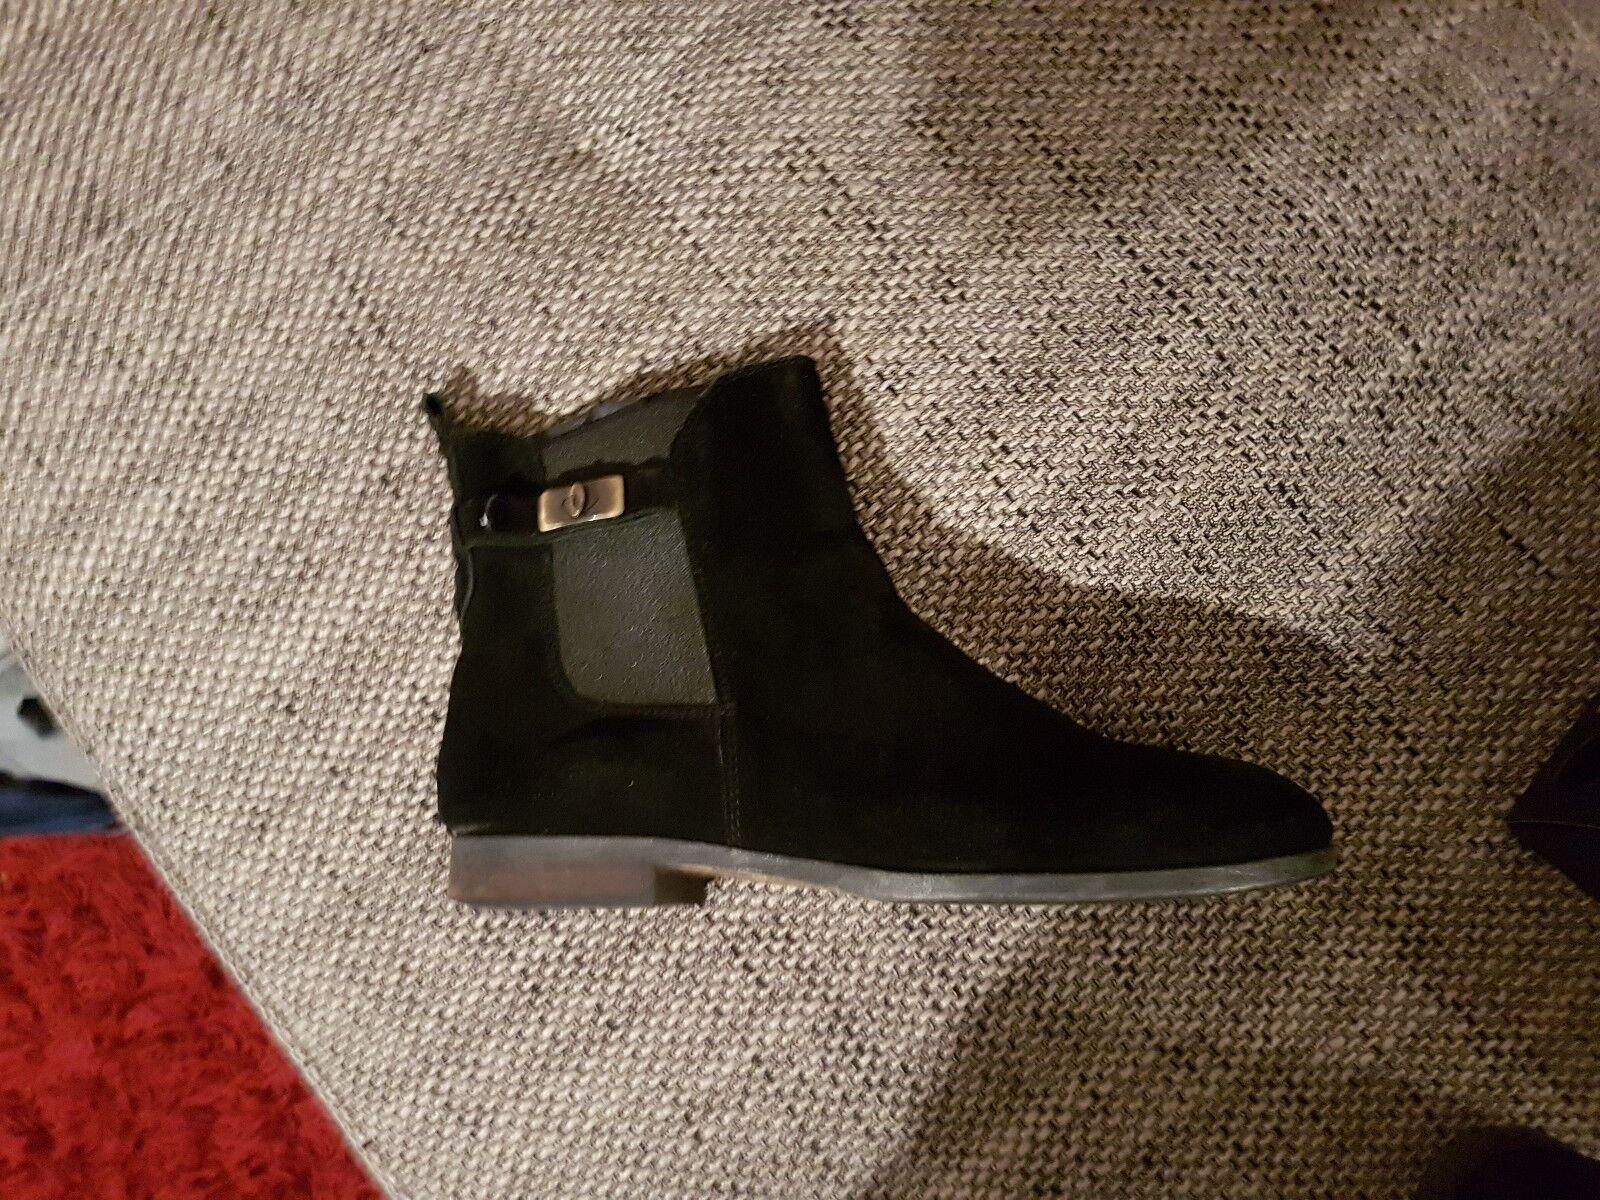 Tommy Hilfiger Stiefeletten Nubukleder Schwarz 40 wie neu,2-3mal getragen Boots